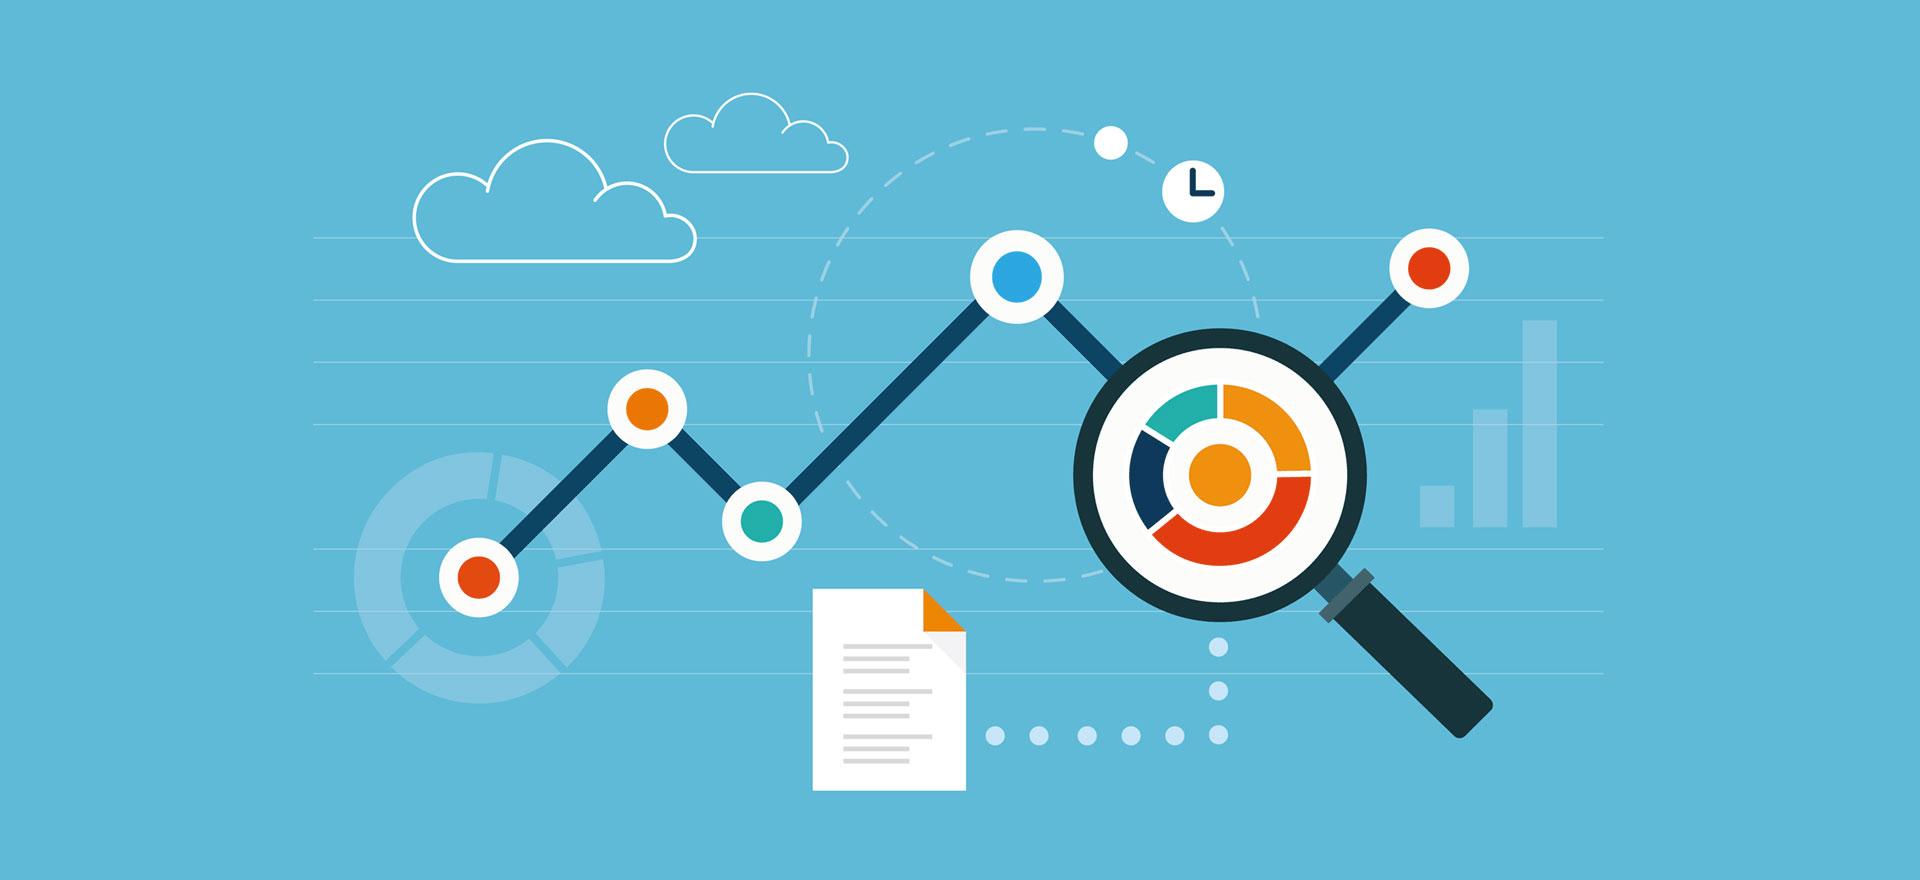 Göra Sökordsanalys på Google Gratis